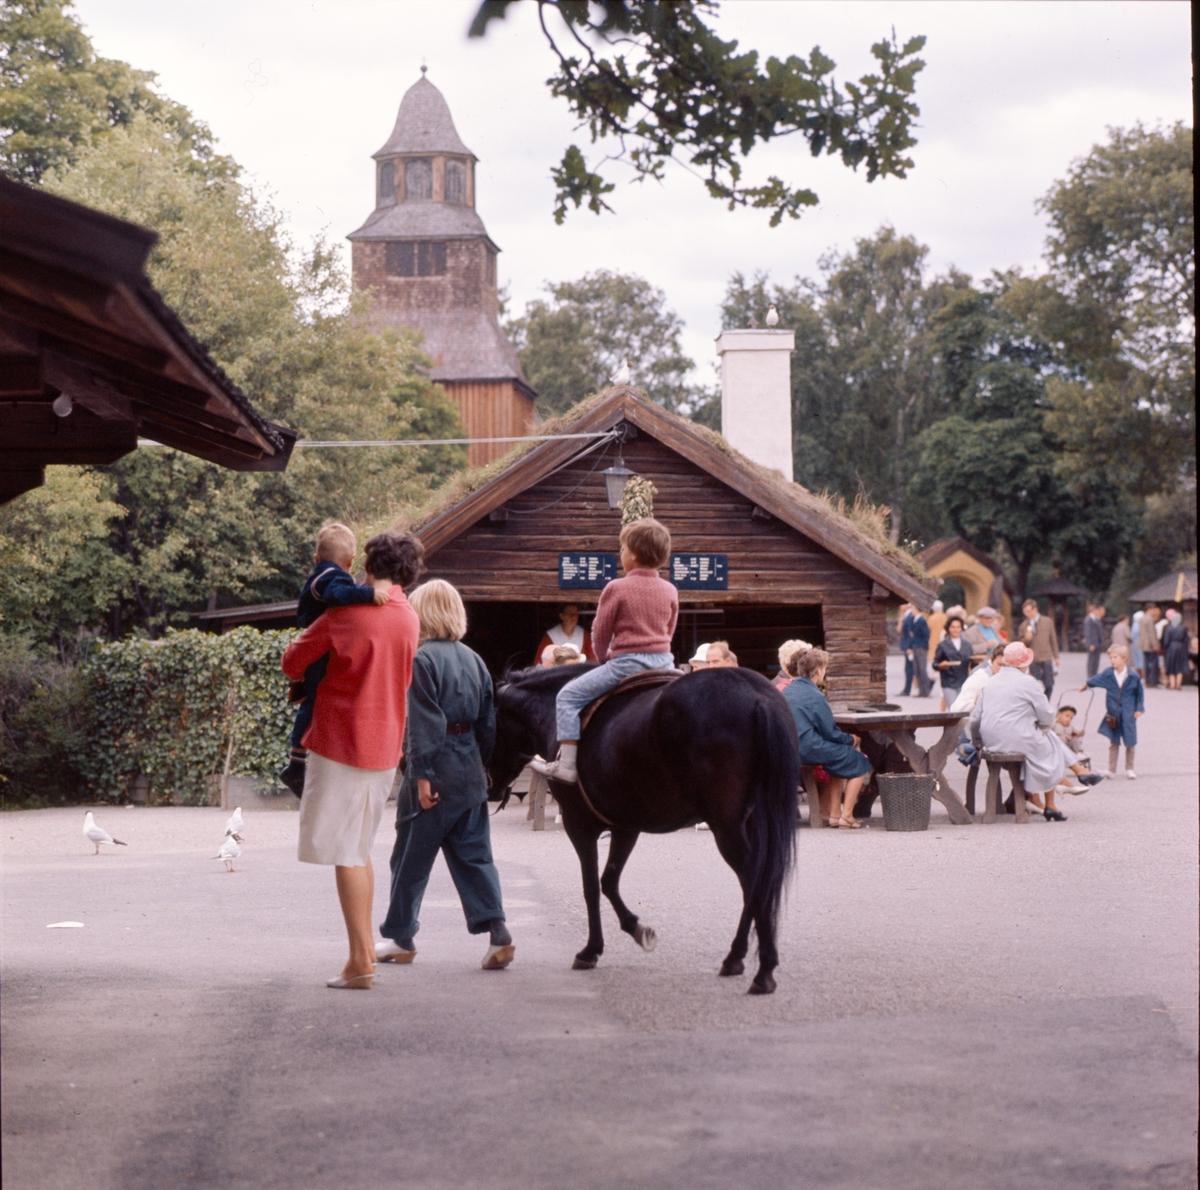 Aktiviteter på Marknadsgatan. Skansens gäster. Gamla krogen, ponnyridning, försäljning.